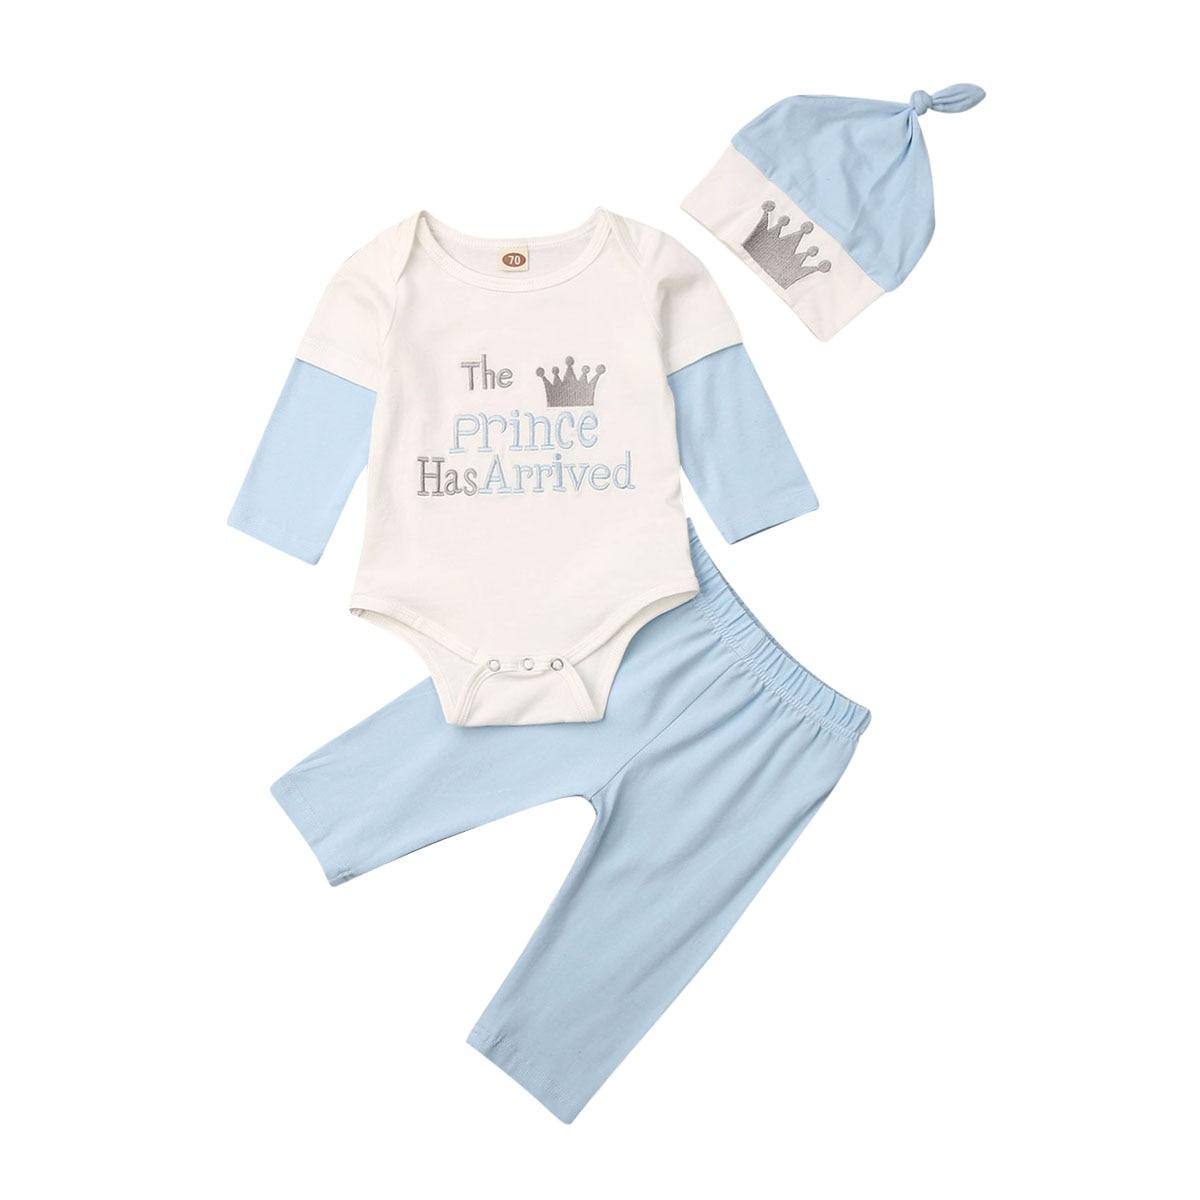 Pudcoco recién nacido bebé niño niña otoño Ropa El Príncipe ha llegado mono leggns pantalones sombrero 3 piezas otoño trajes